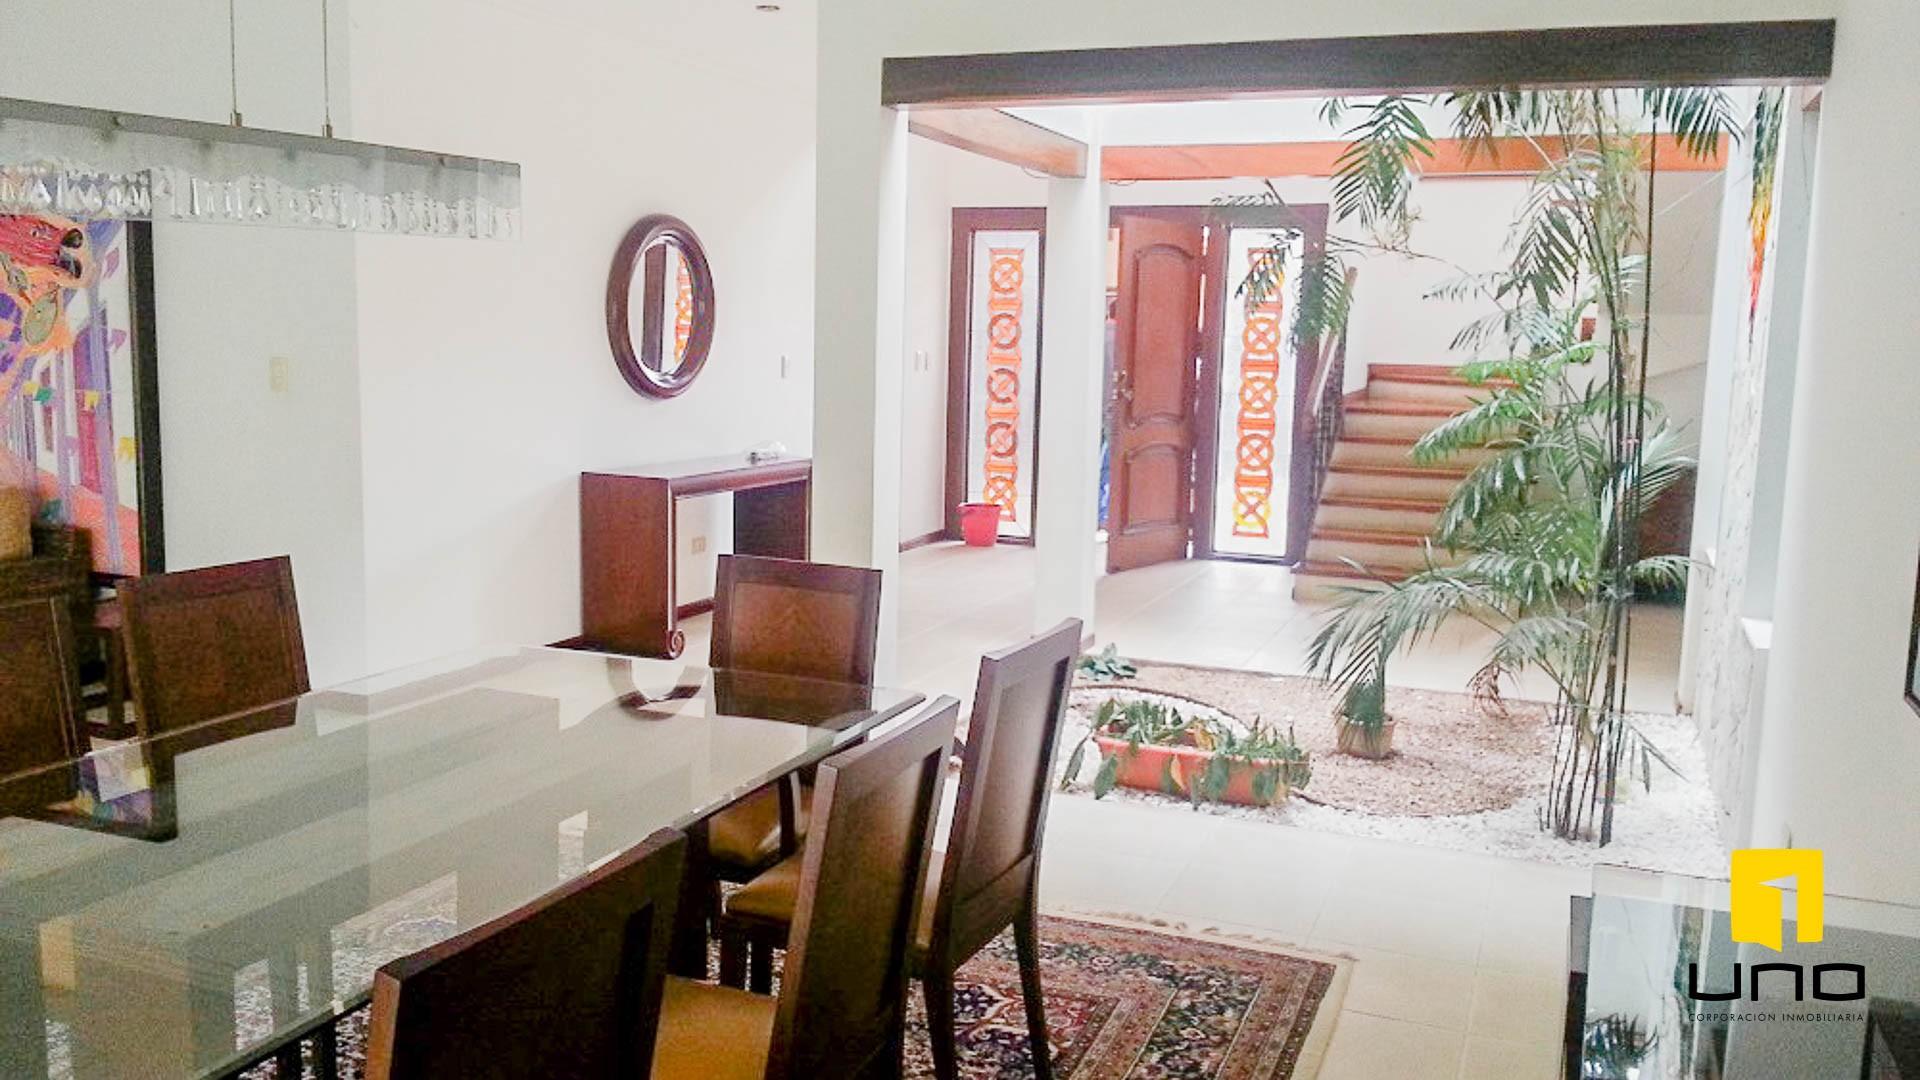 Casa en Alquiler BARRIO LAS PALMAS ALQUILO CASA COMPLETAMENTE AMOBLADA Foto 14